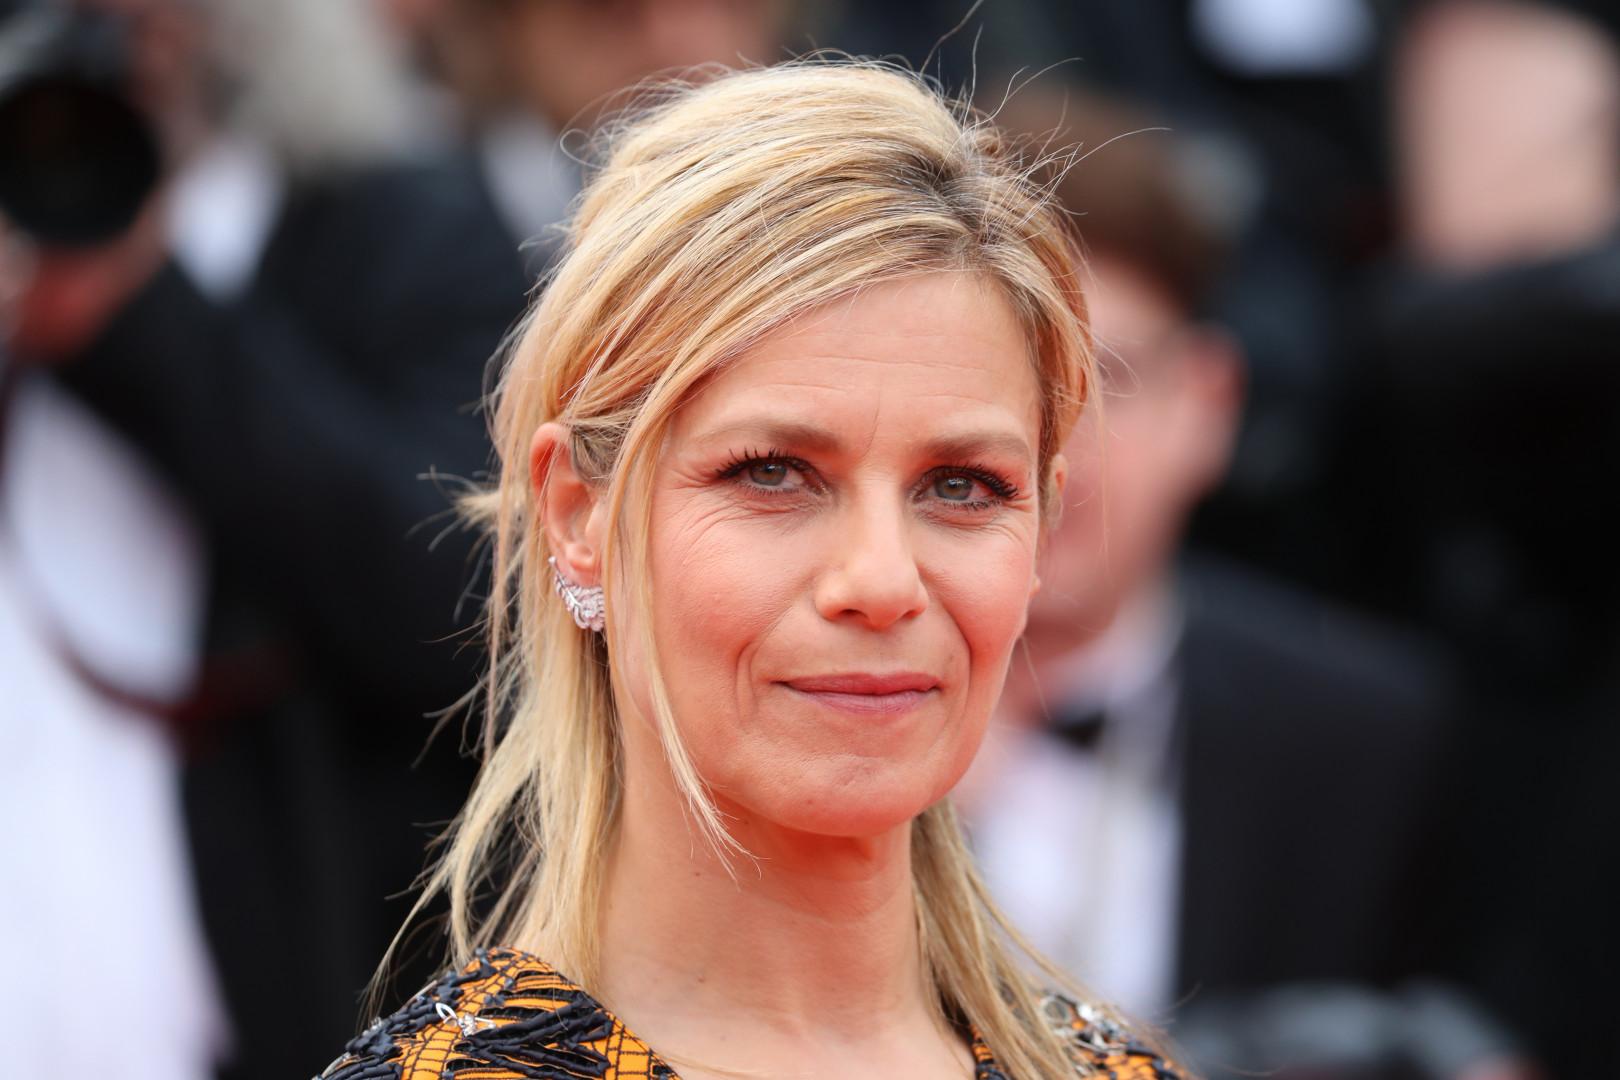 Marina Foïs est également membre du jury pour cette édition 2019 du Festival de Cannes